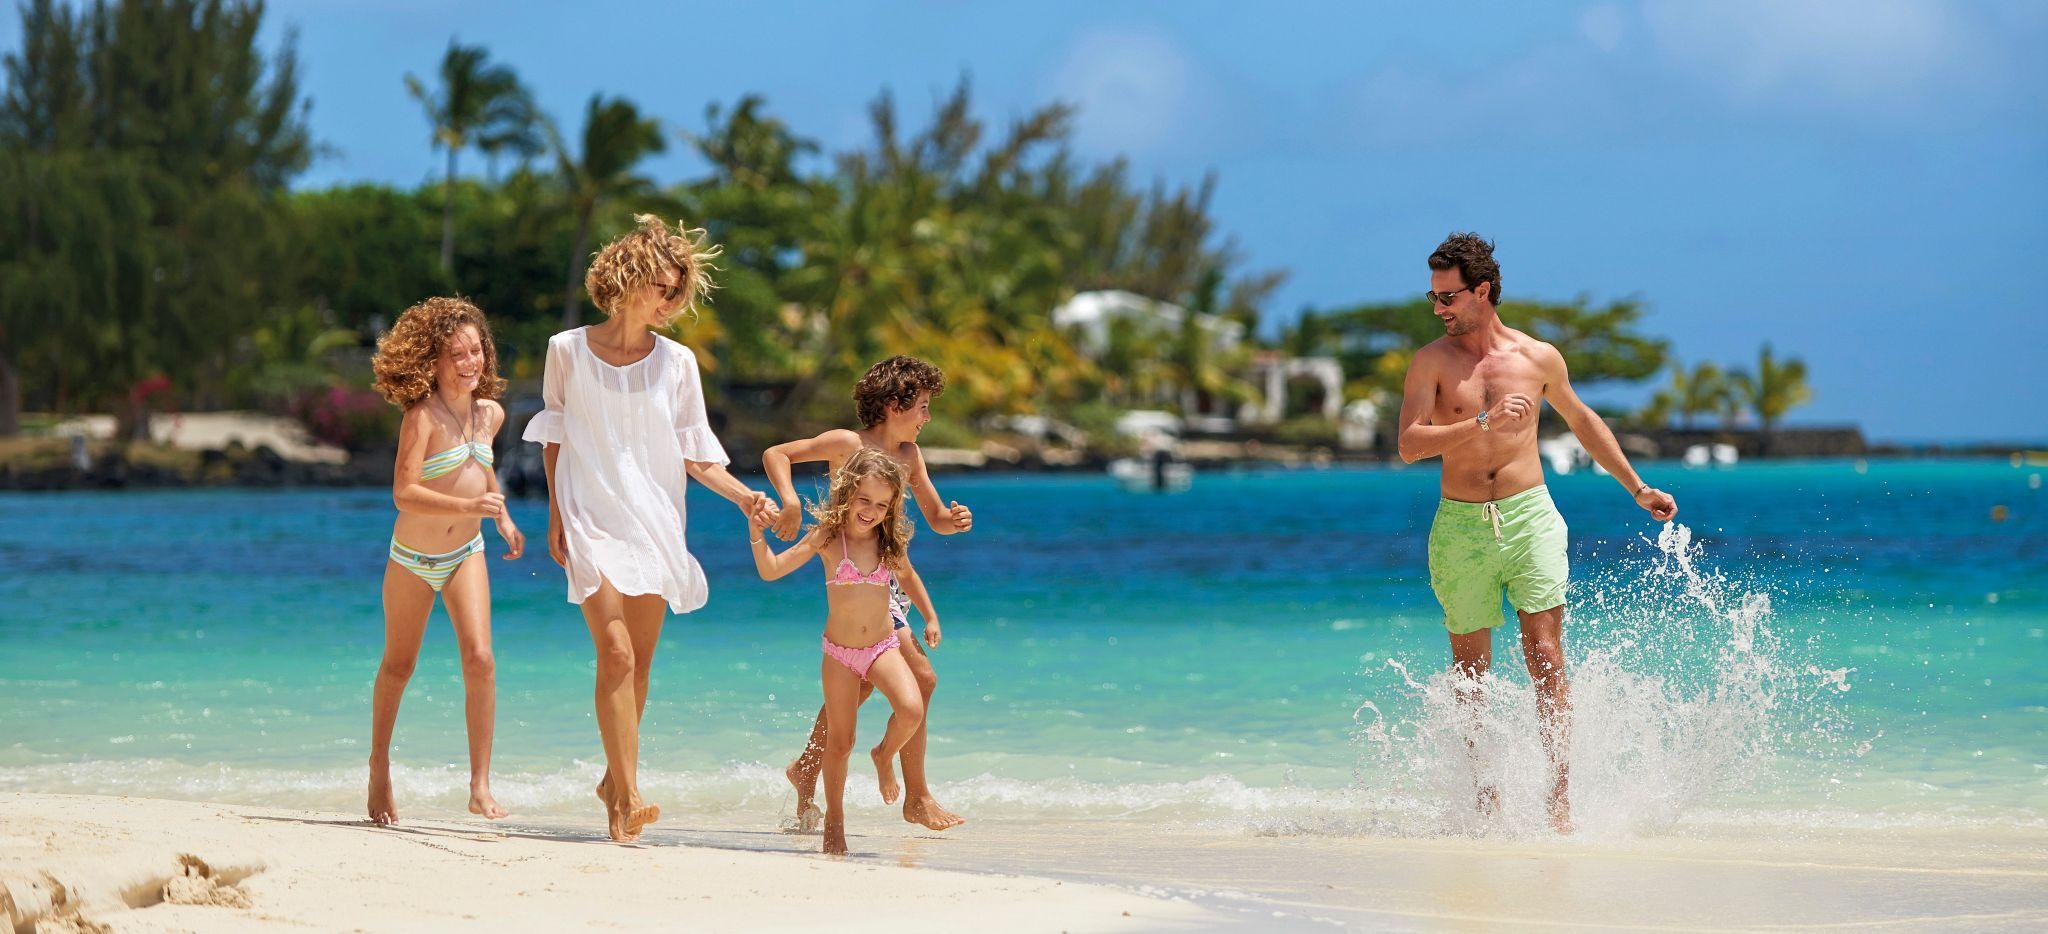 Frau wandert mit Kindern einen Strand entlang, während ein Mann durch das Wasser läuft